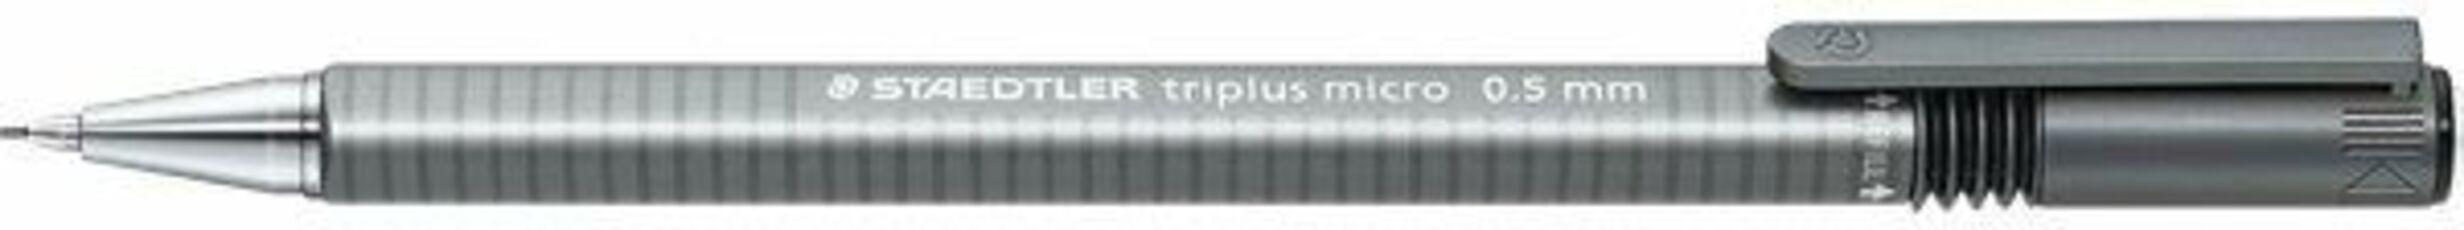 Cartoleria Matita portamine Staedtler Triplus Micro grigio punta 0,5 mm Staedtler